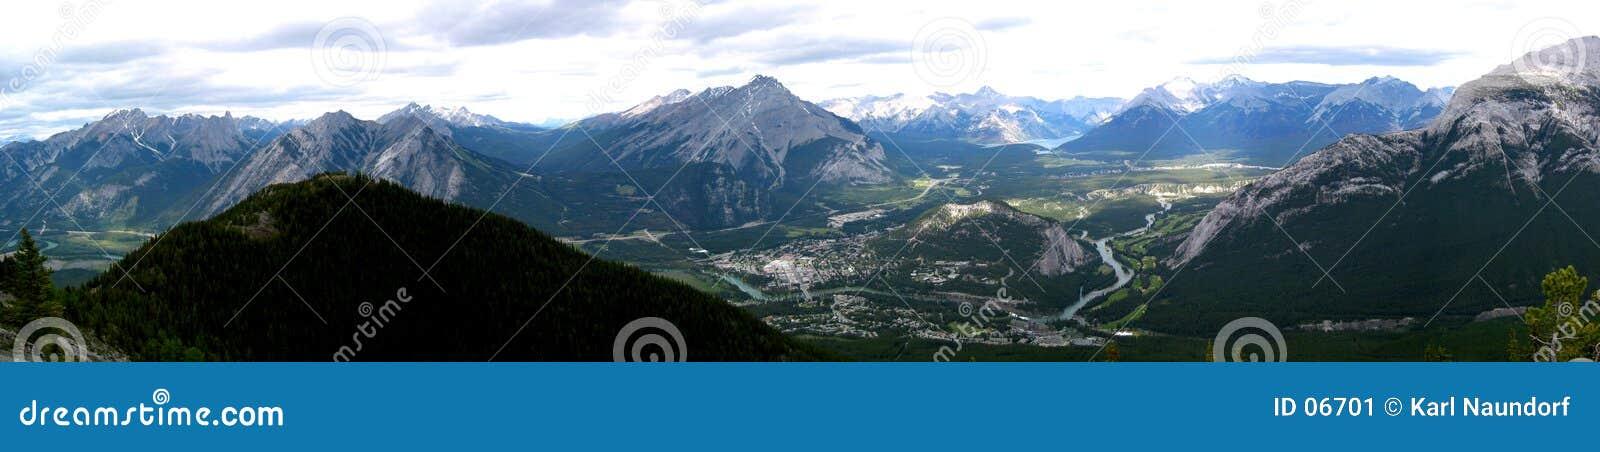 Montagne de Banff Townsite panoramique